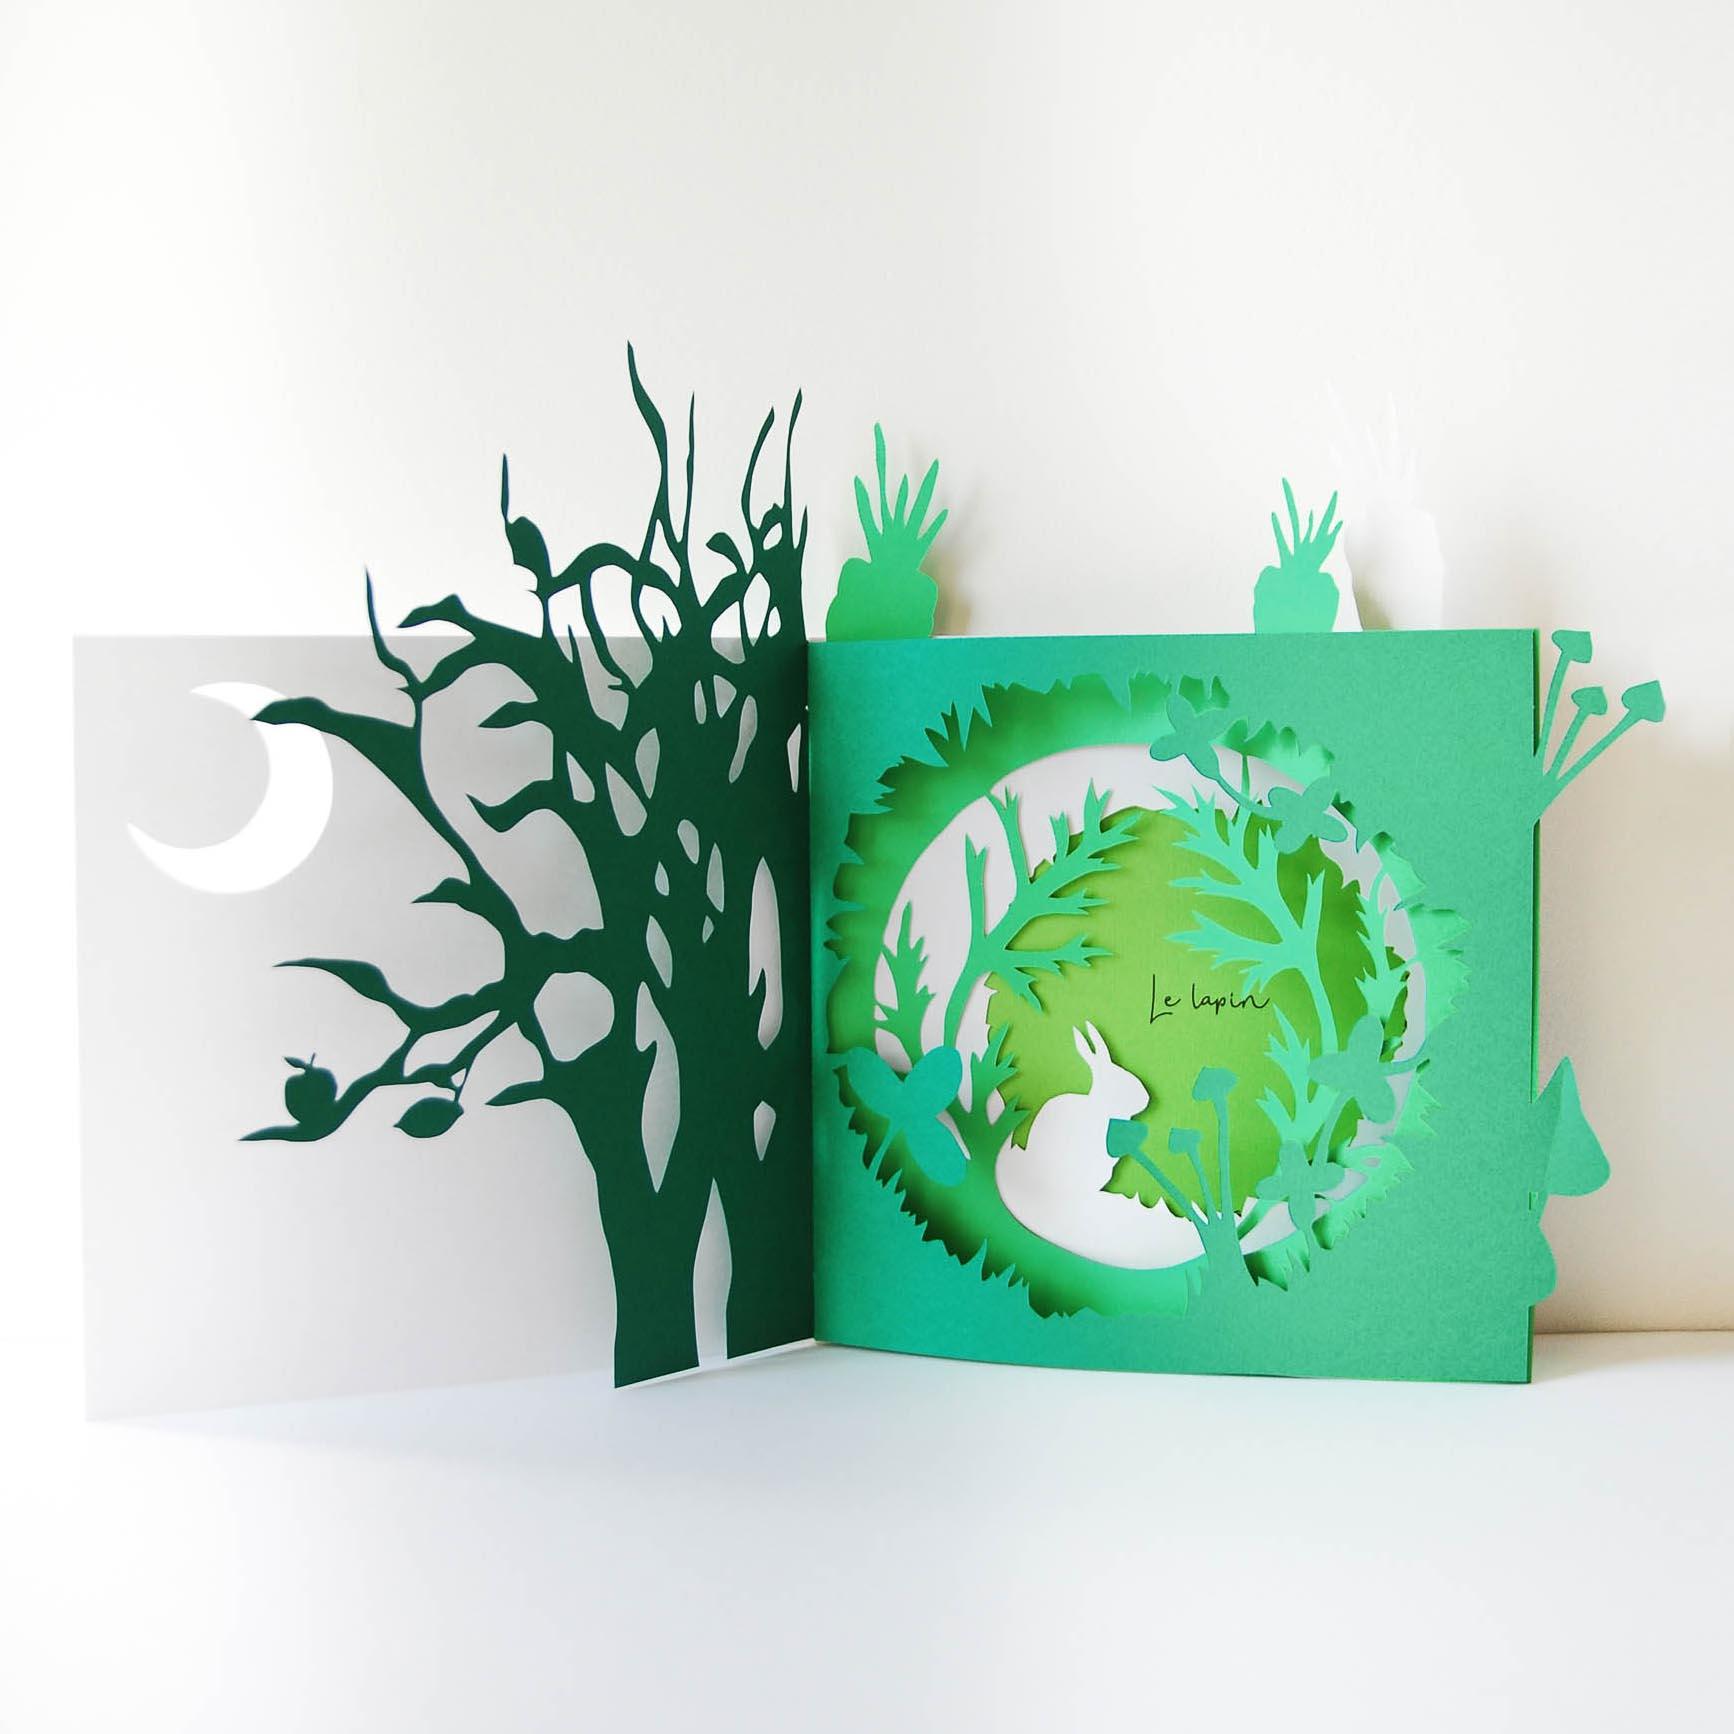 Création de menus en paper art pour le Chef Davy Tissot sur le concours du Bocuse d'Or France 2019. Direction artistique de la paper artiste